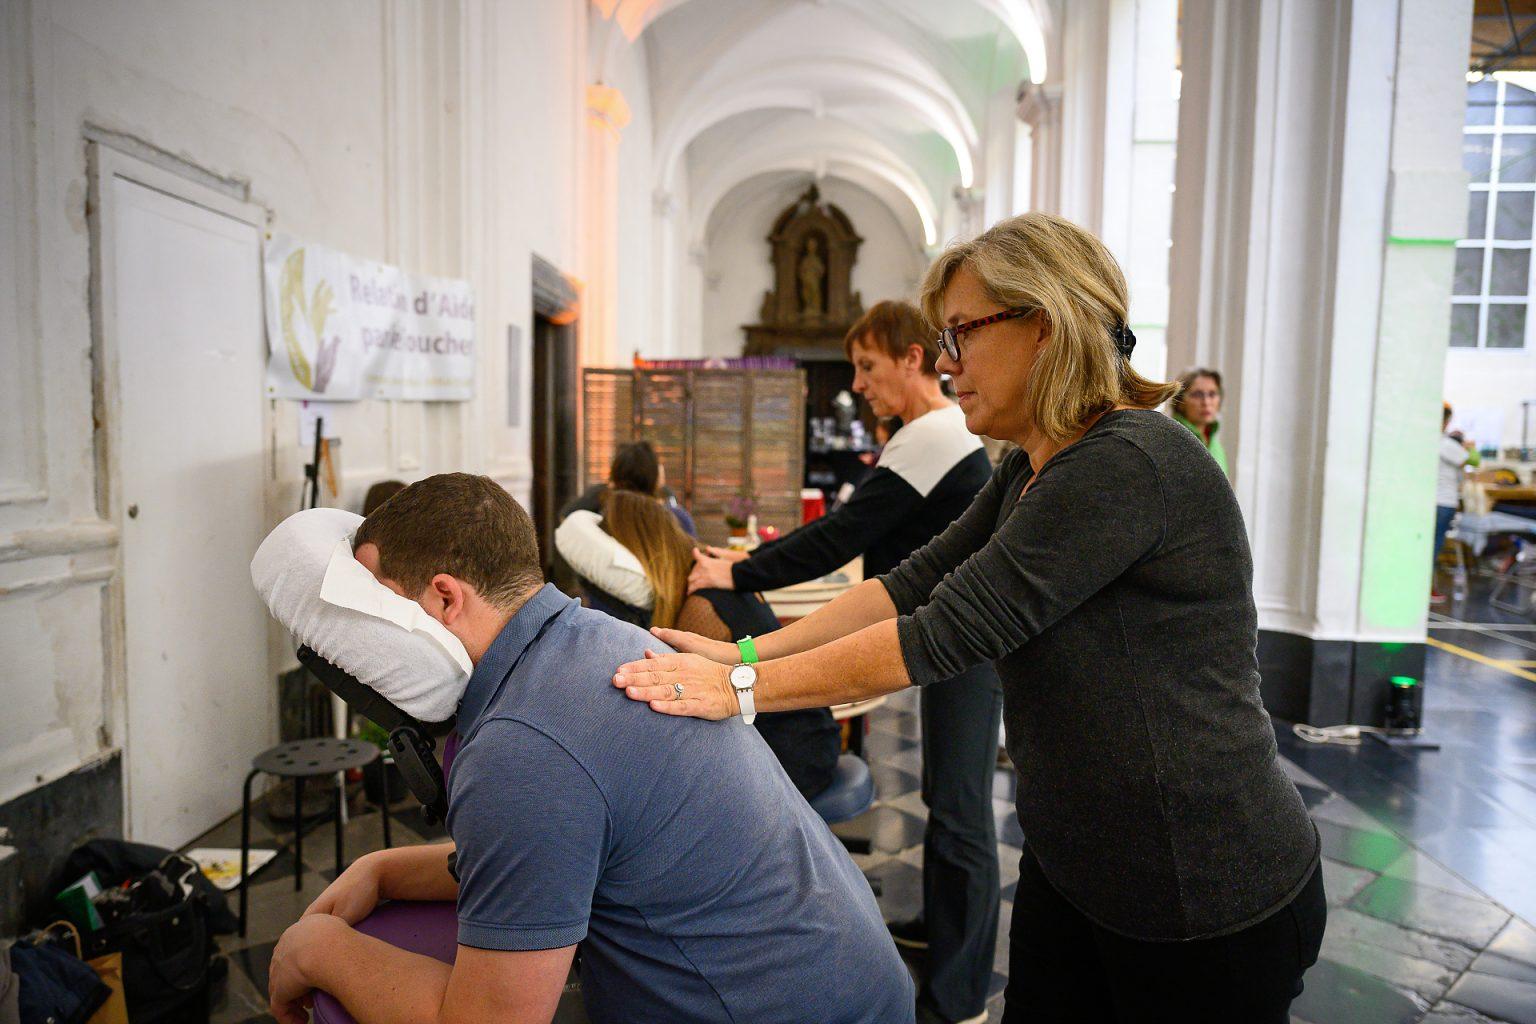 Massage assis au Salon Côté Bine-Etre, Abbaye de Floreffe, reportage événementiel par Aurore Delsoir photographe événementiel